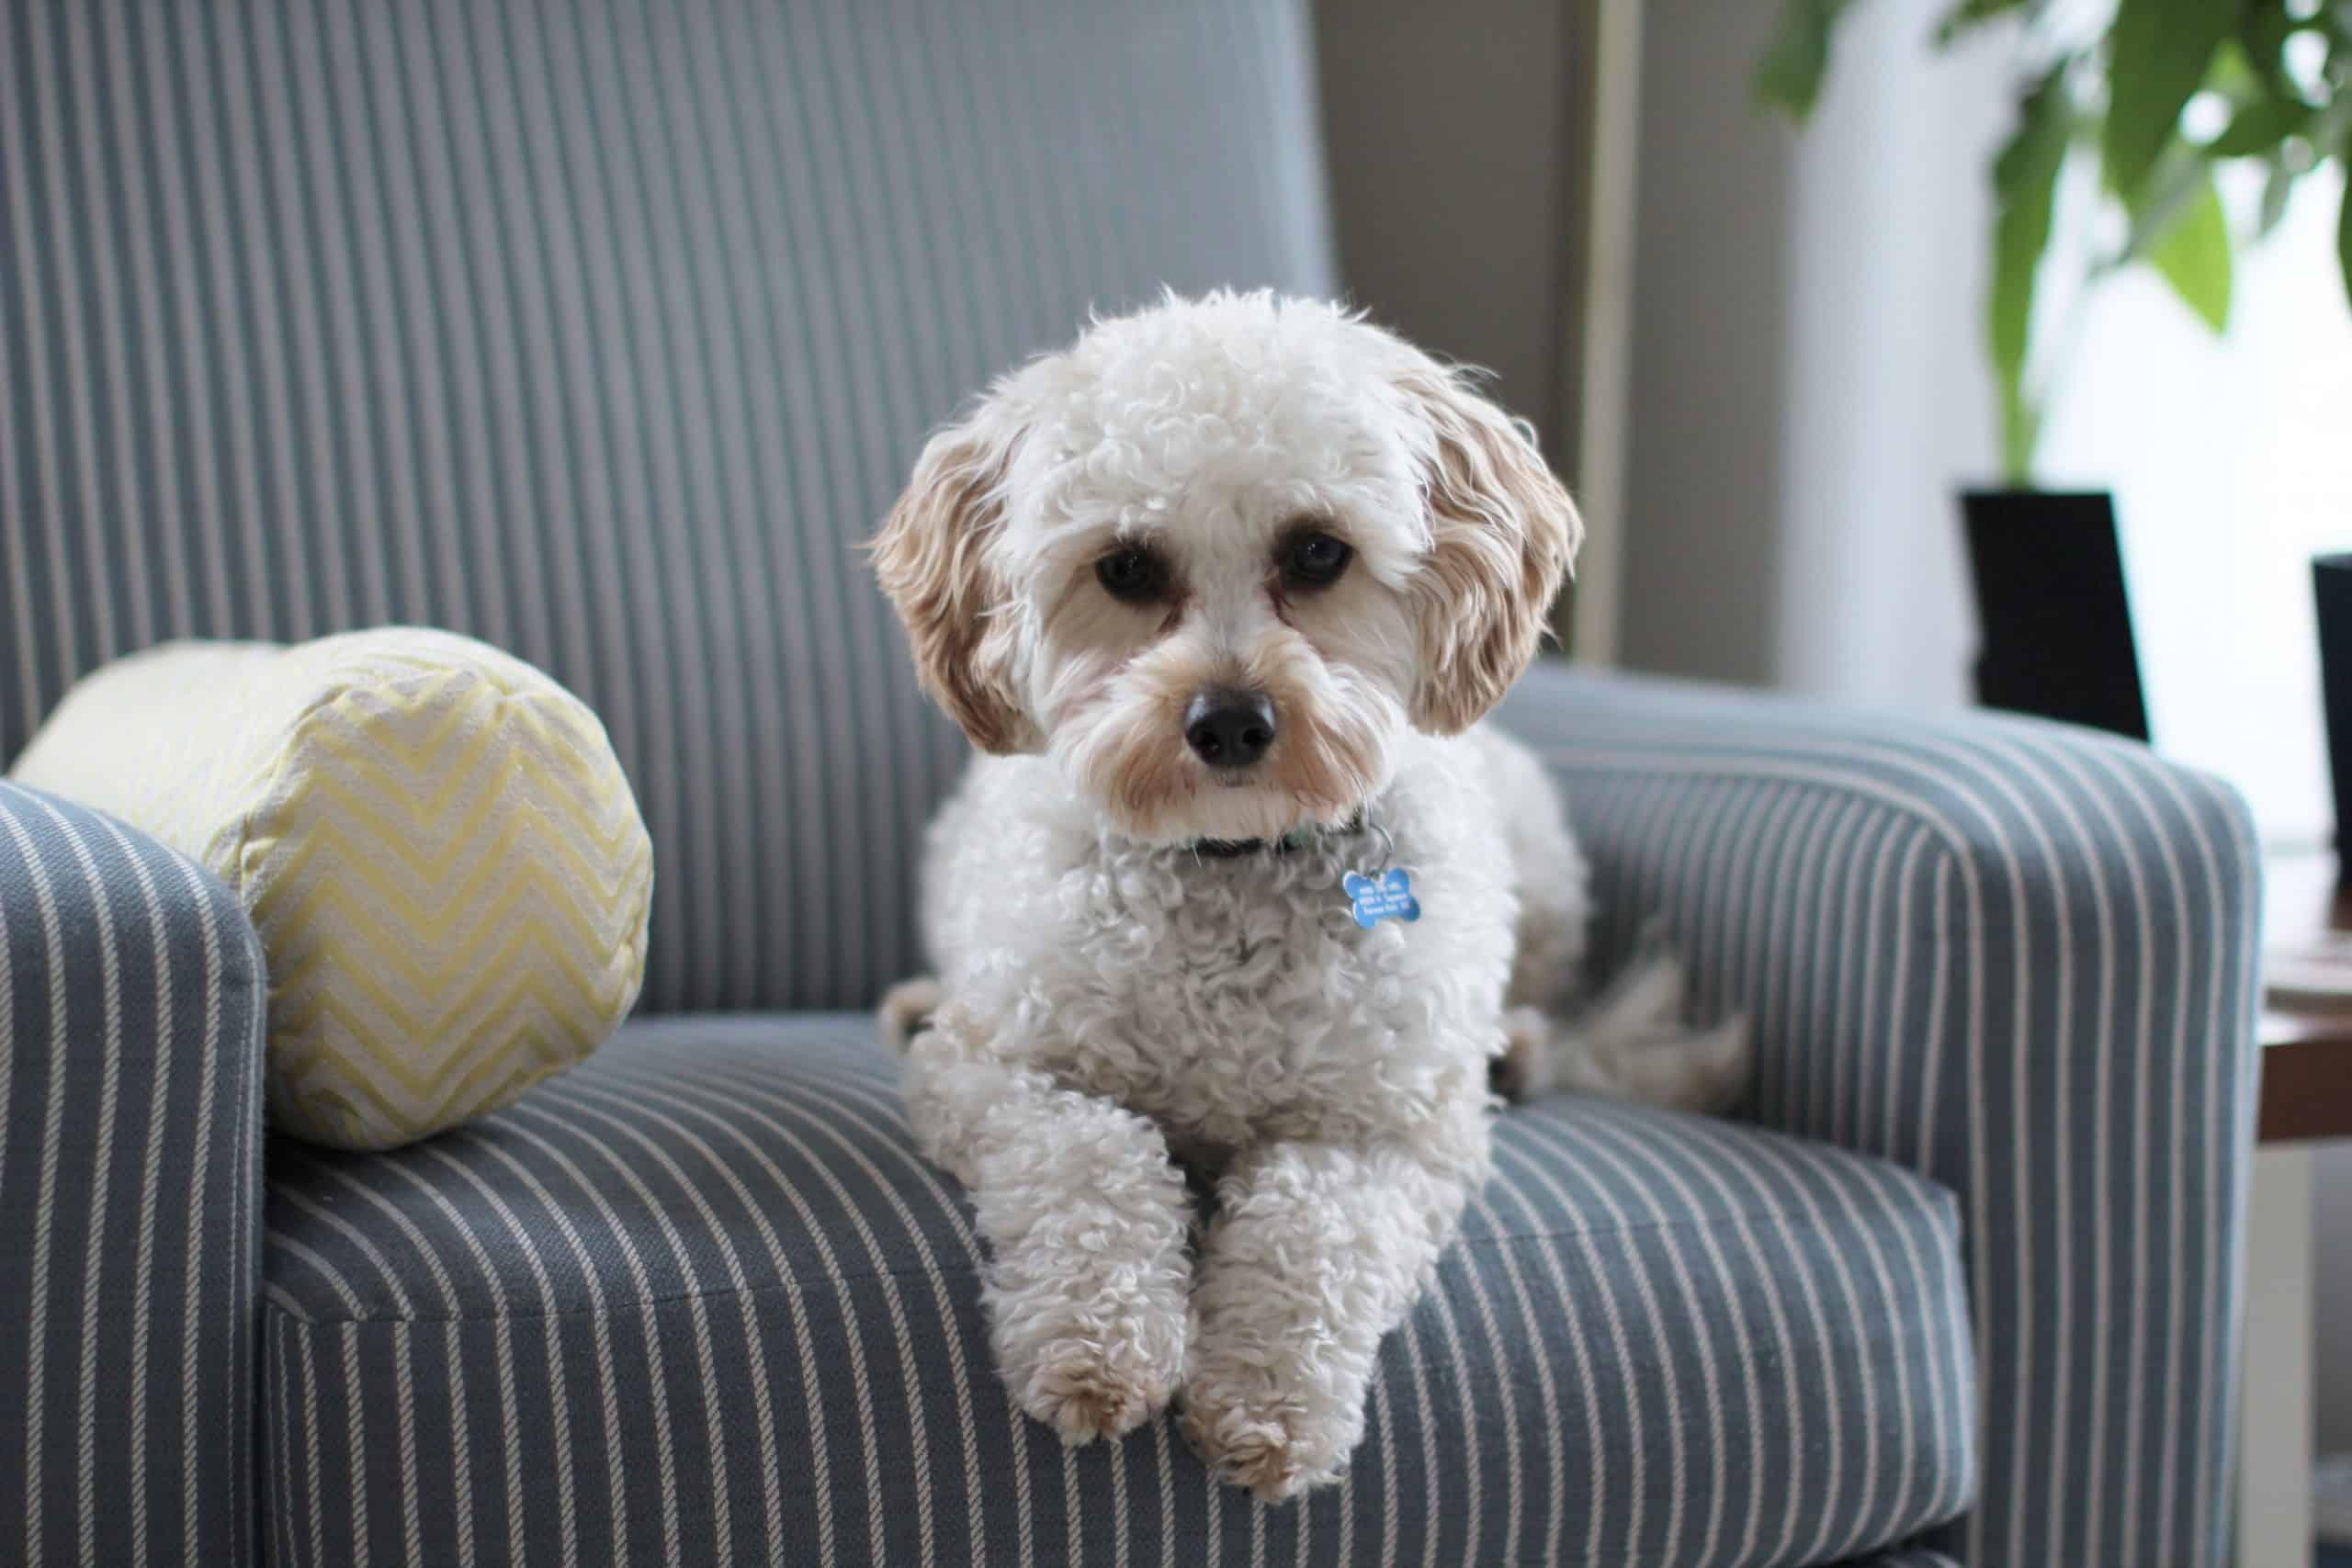 Shih Tzu Puppy on a sofa